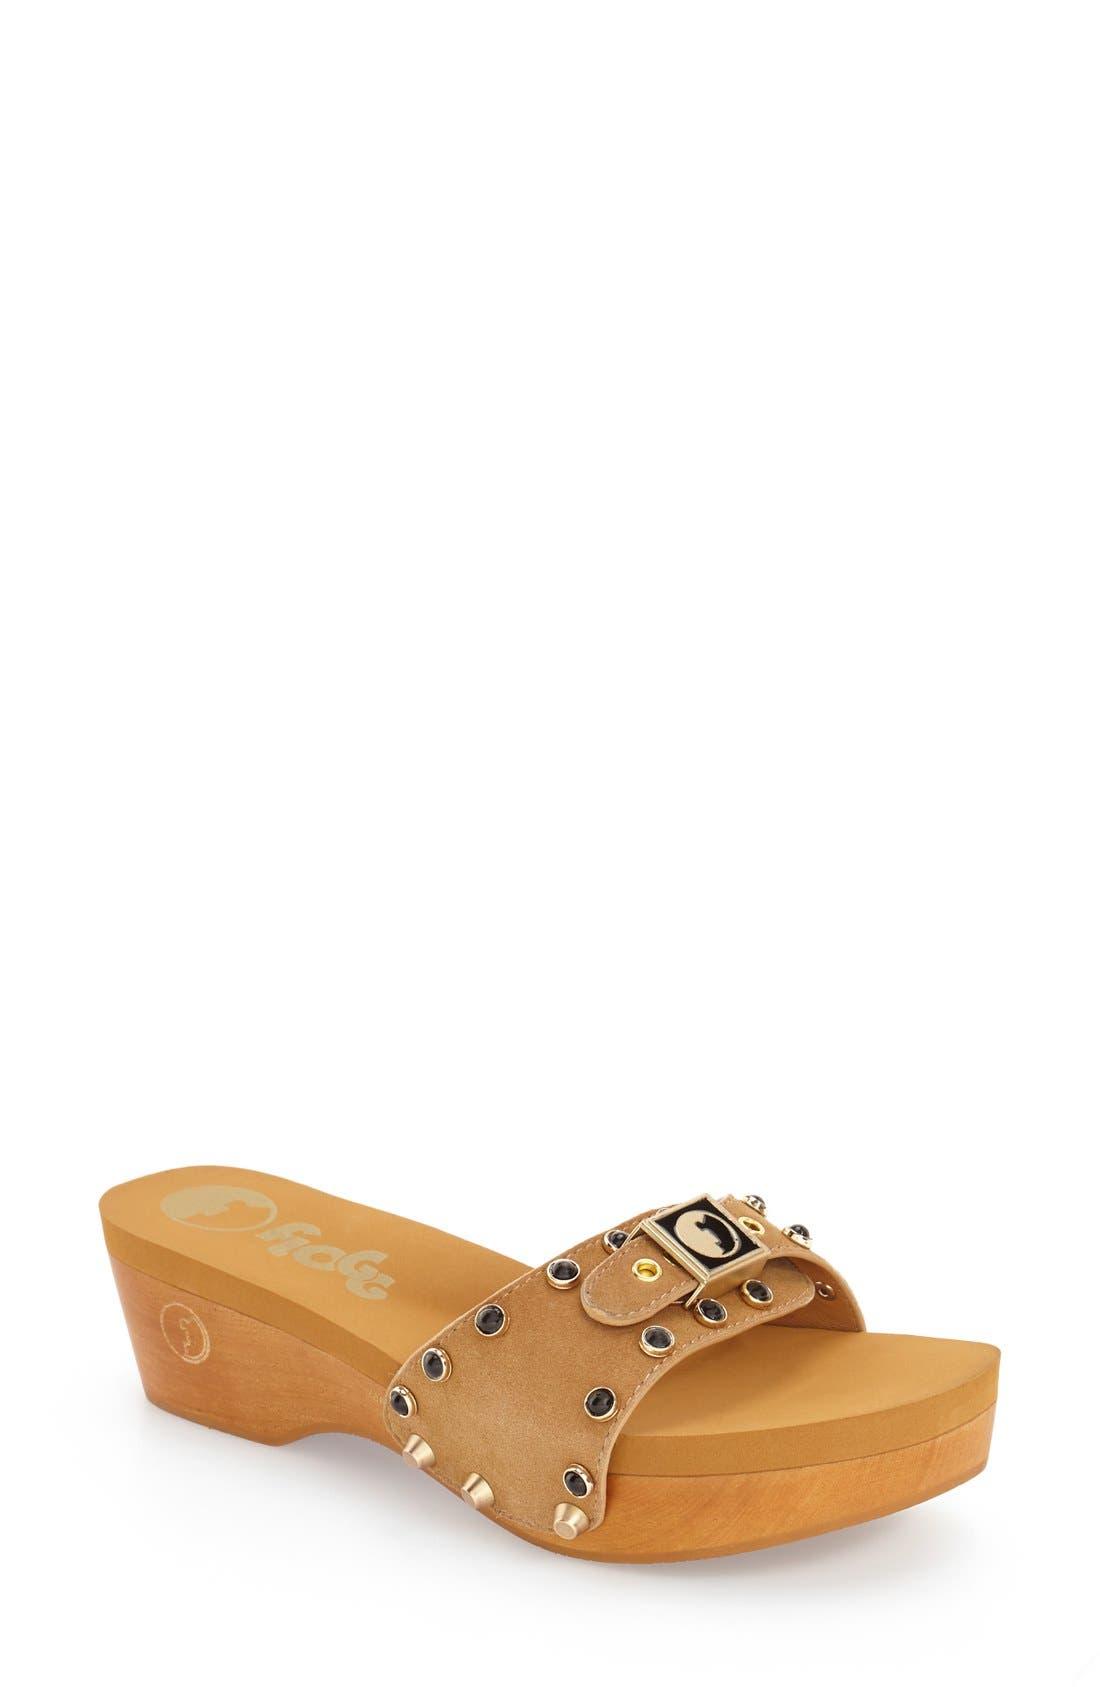 Alternate Image 1 Selected - Flogg 'Molly' Slide Sandal (Women)